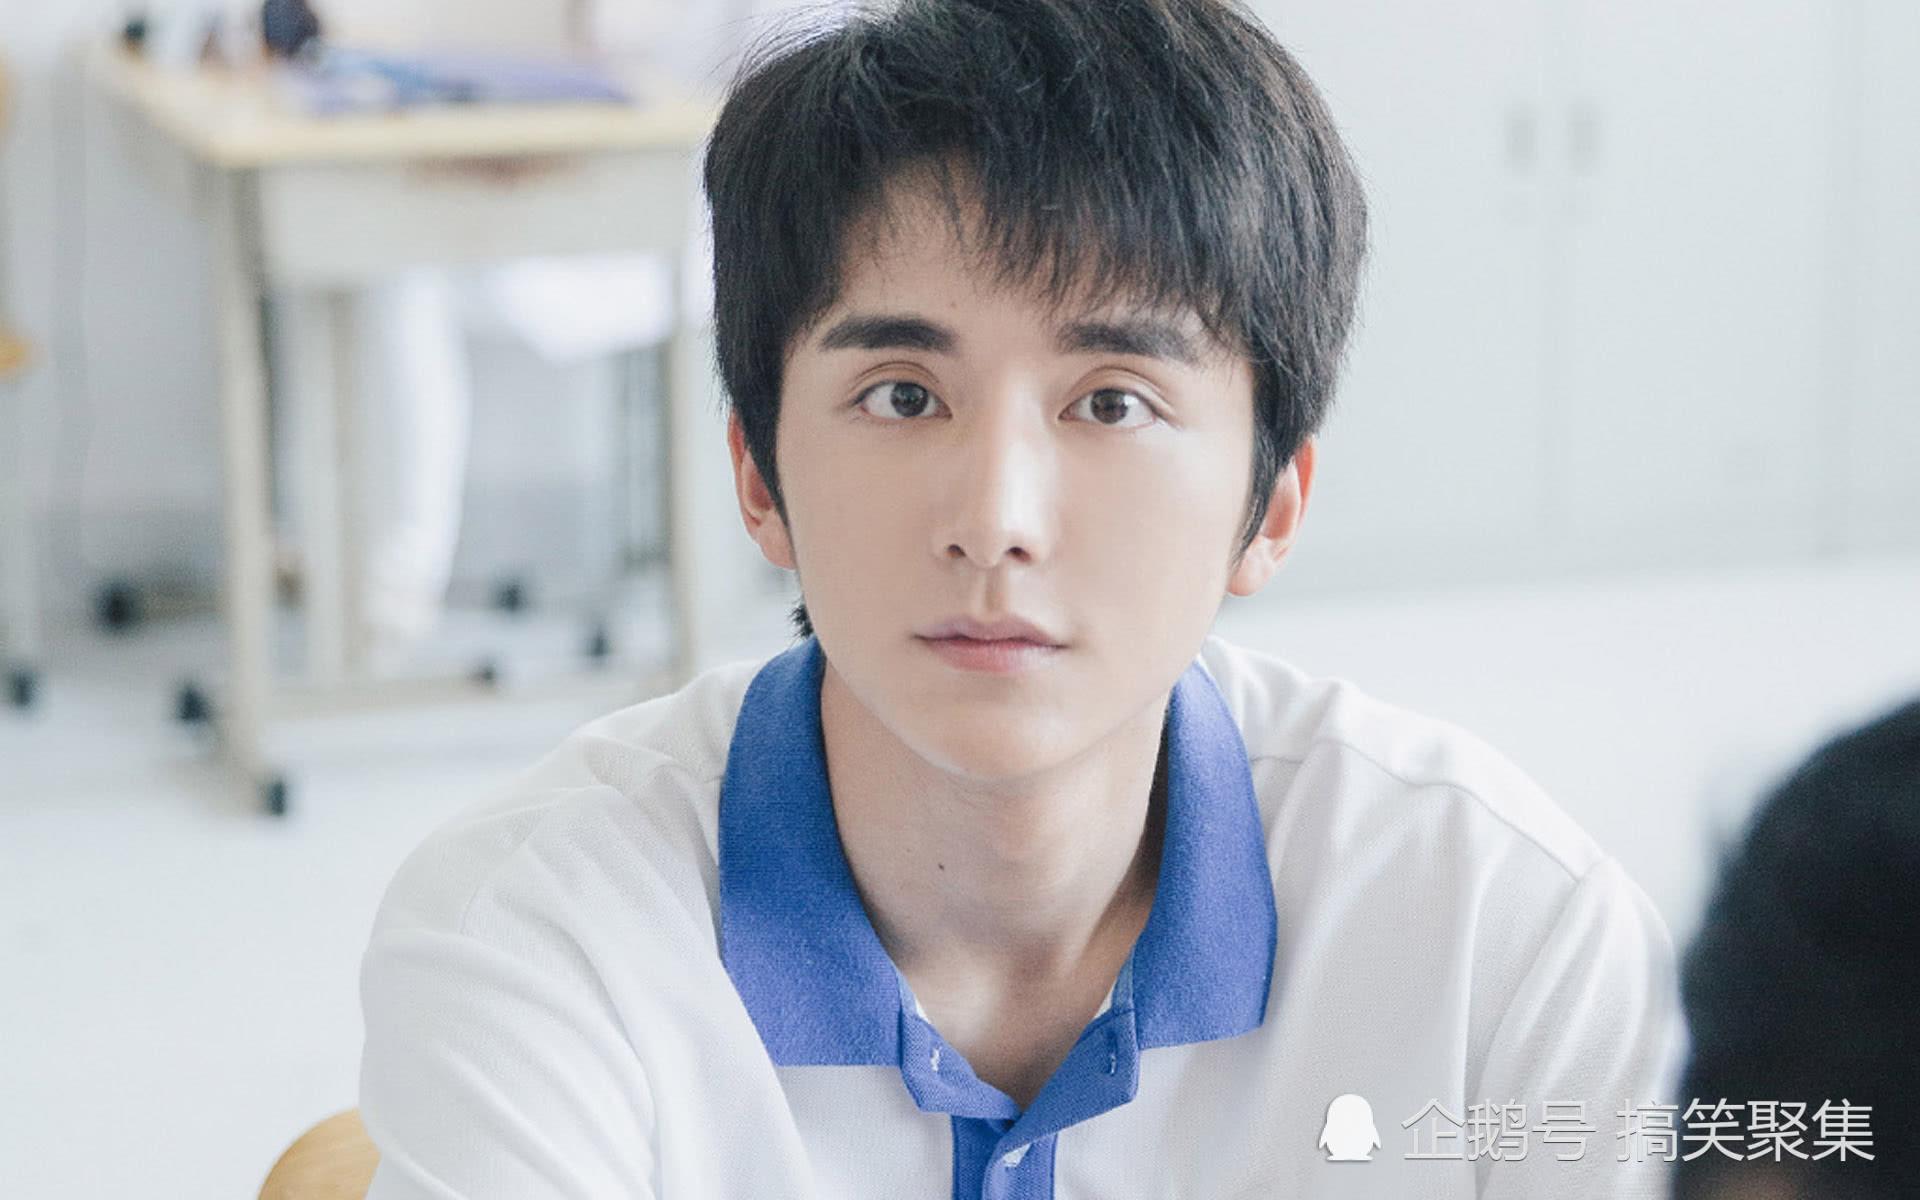 """不流量不炒作的年轻演员,""""小太阳""""林杨应该被记住,粉丝很期待"""